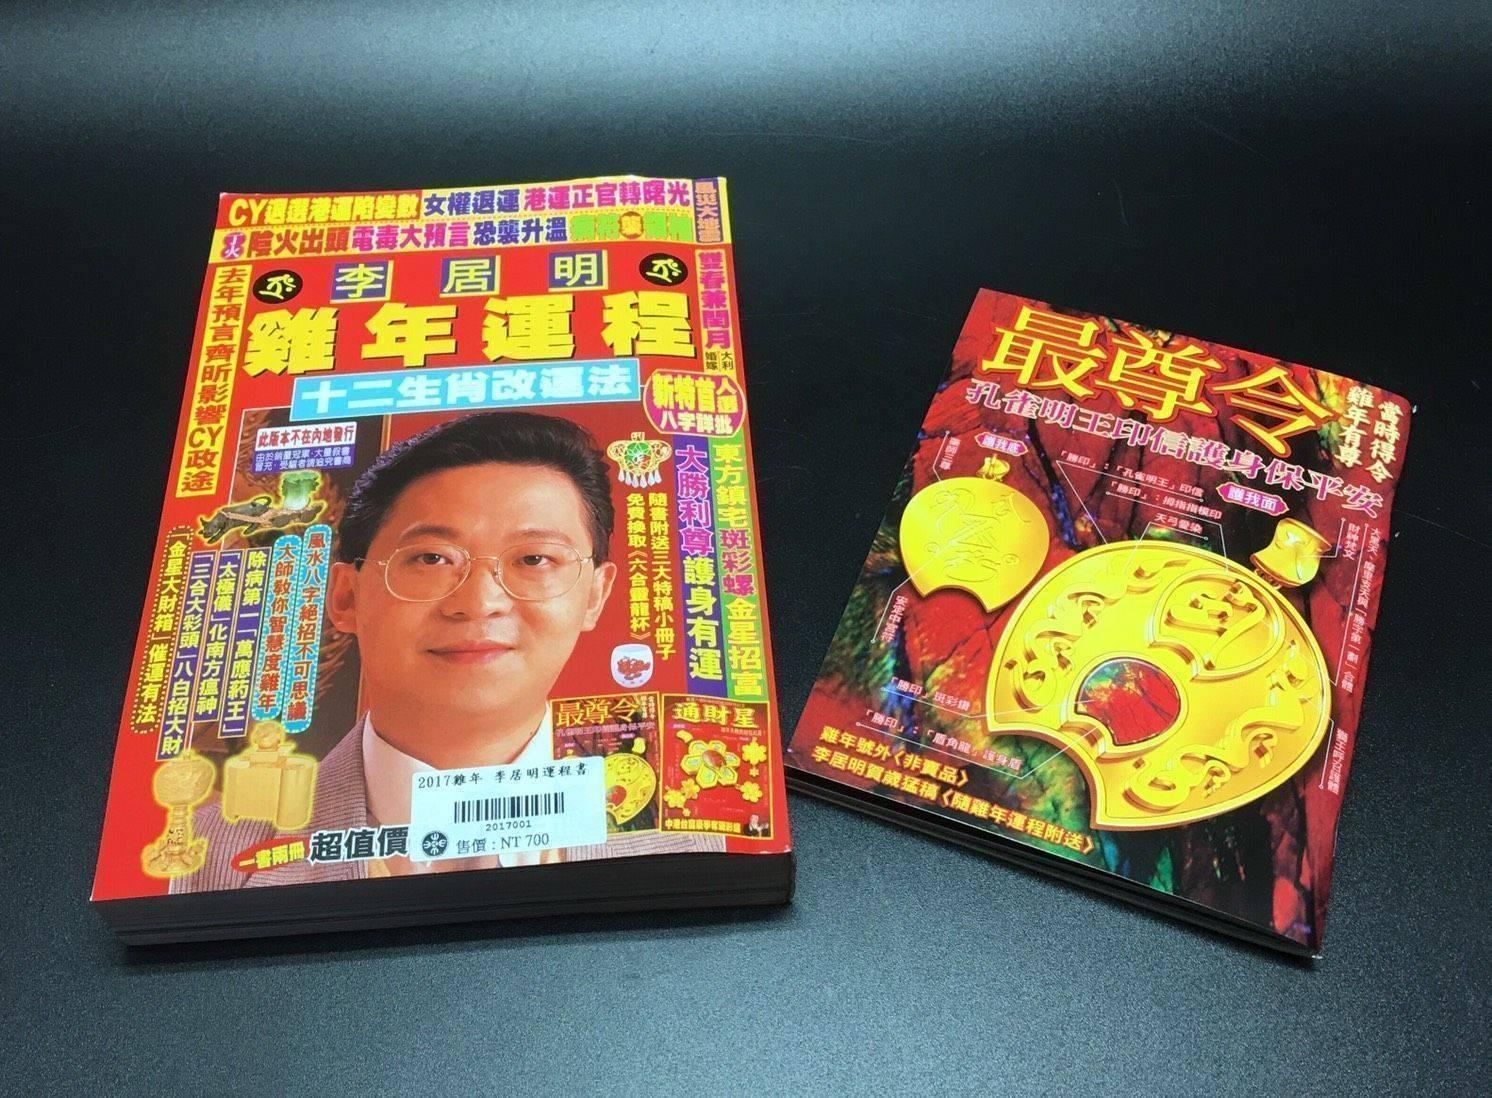 2017雞年運程書 (香港版) 2017001已銷售一空 ;香港補貨中